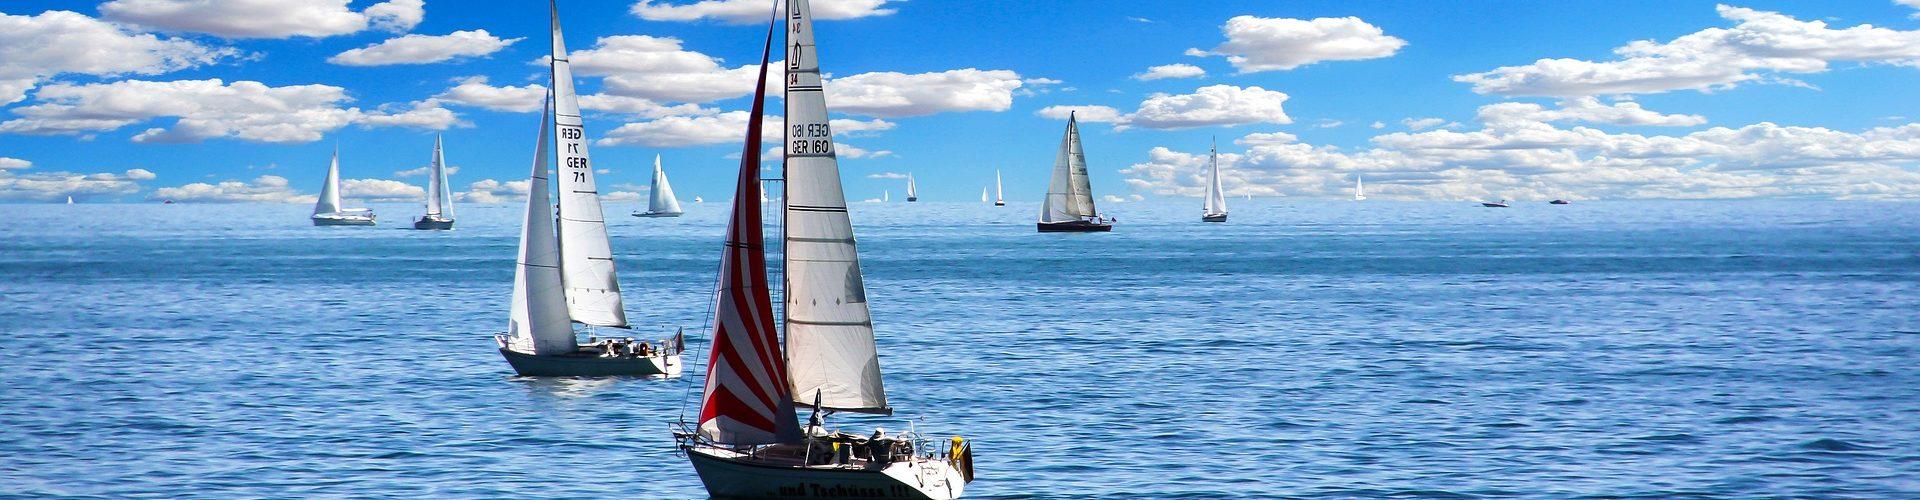 segeln lernen in Celle segelschein machen in Celle 1920x500 - Segeln lernen in Celle